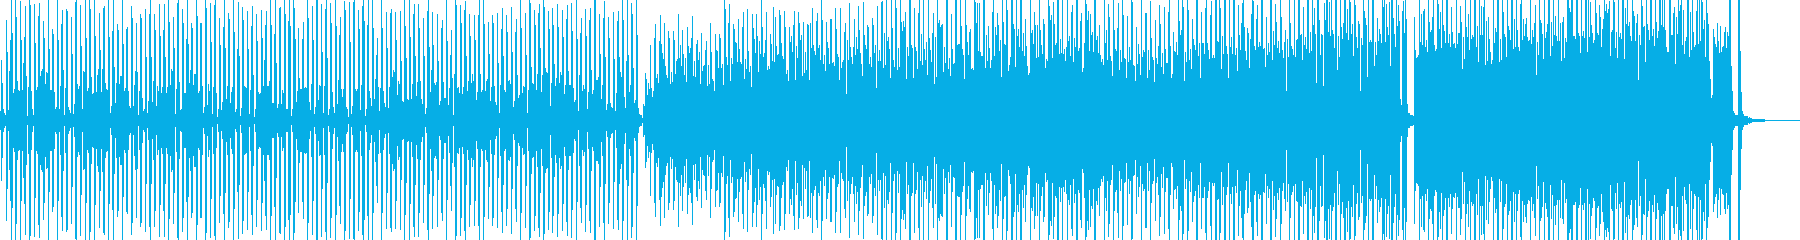 赤面!コミカルシンセポップ B2の再生済みの波形